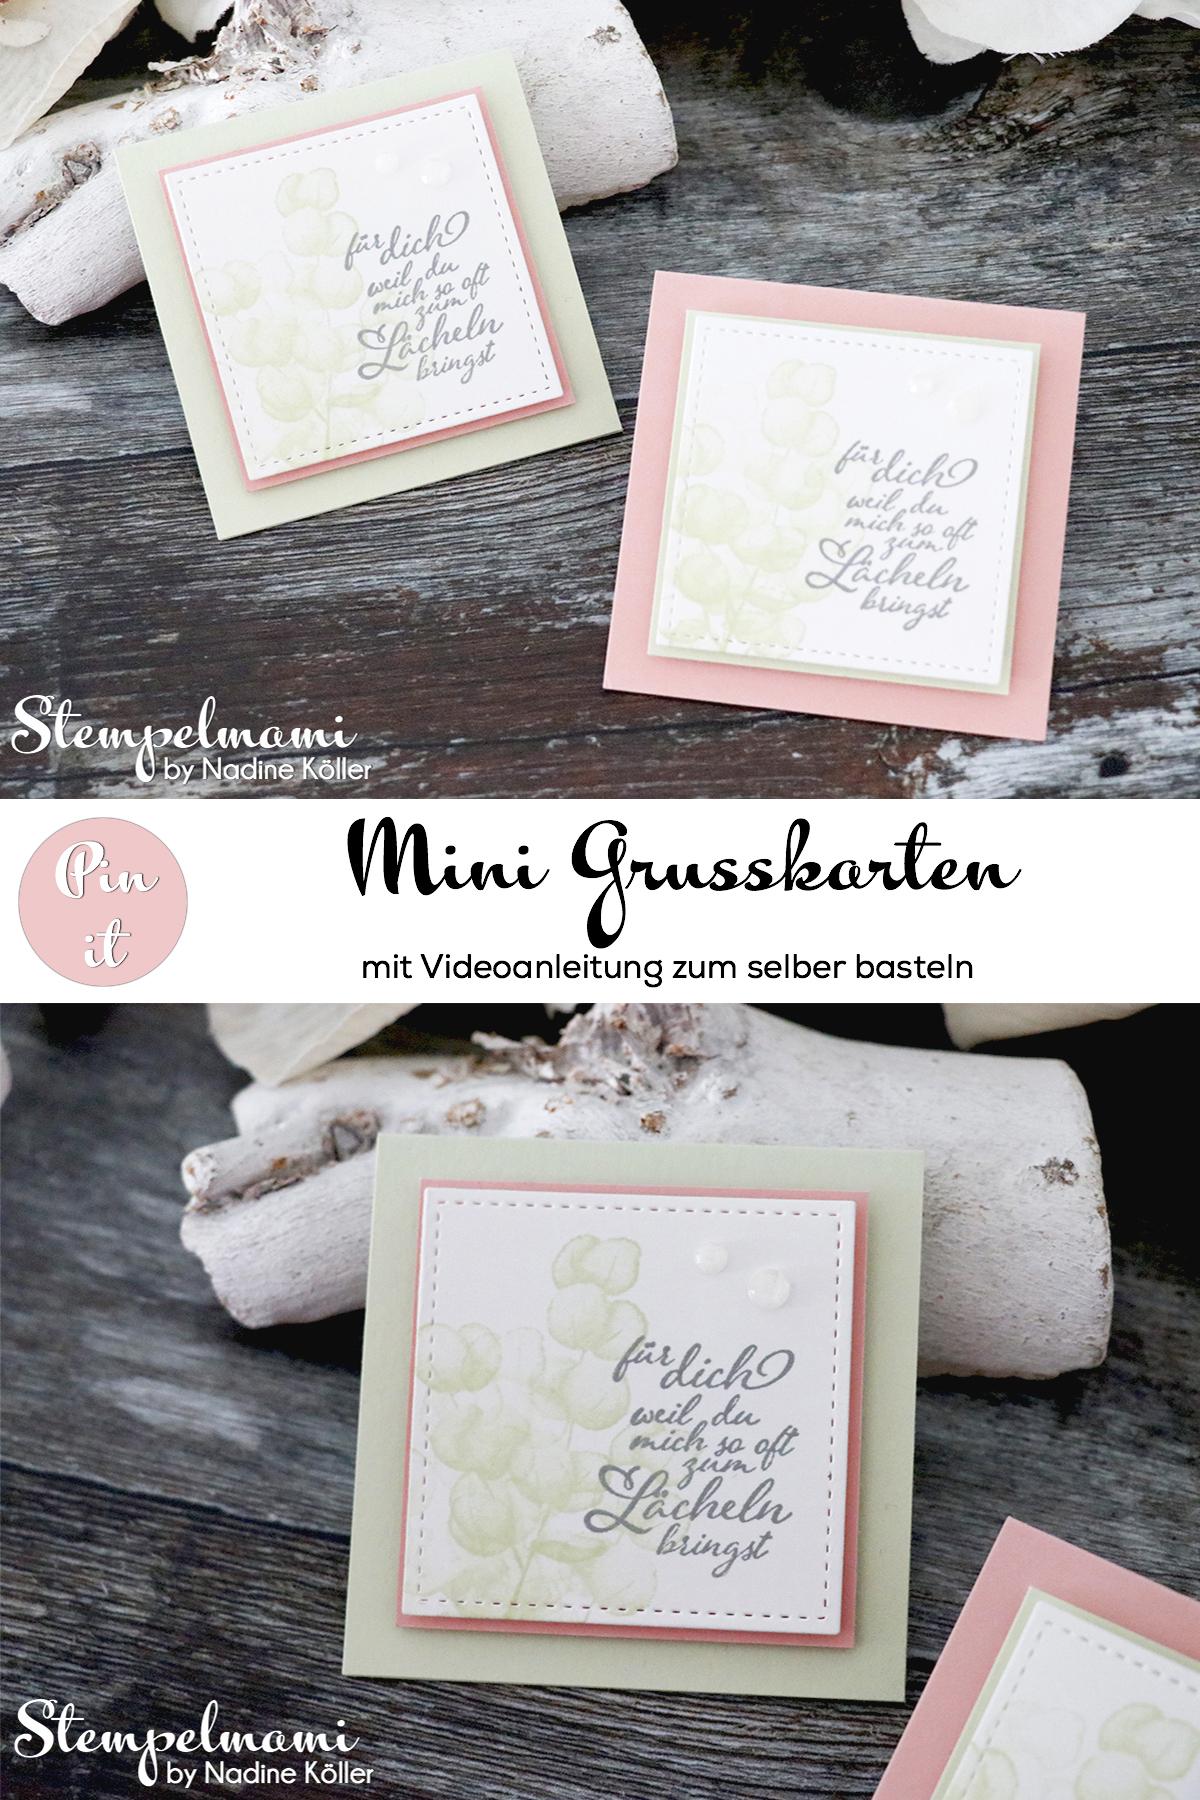 Stampin Up Videoanleitung Mini Grusskarten basteln Produktpaket Fuer alle Zeit Produktreihe Ewiges Gruen Stempelmami Youtube Pinterest